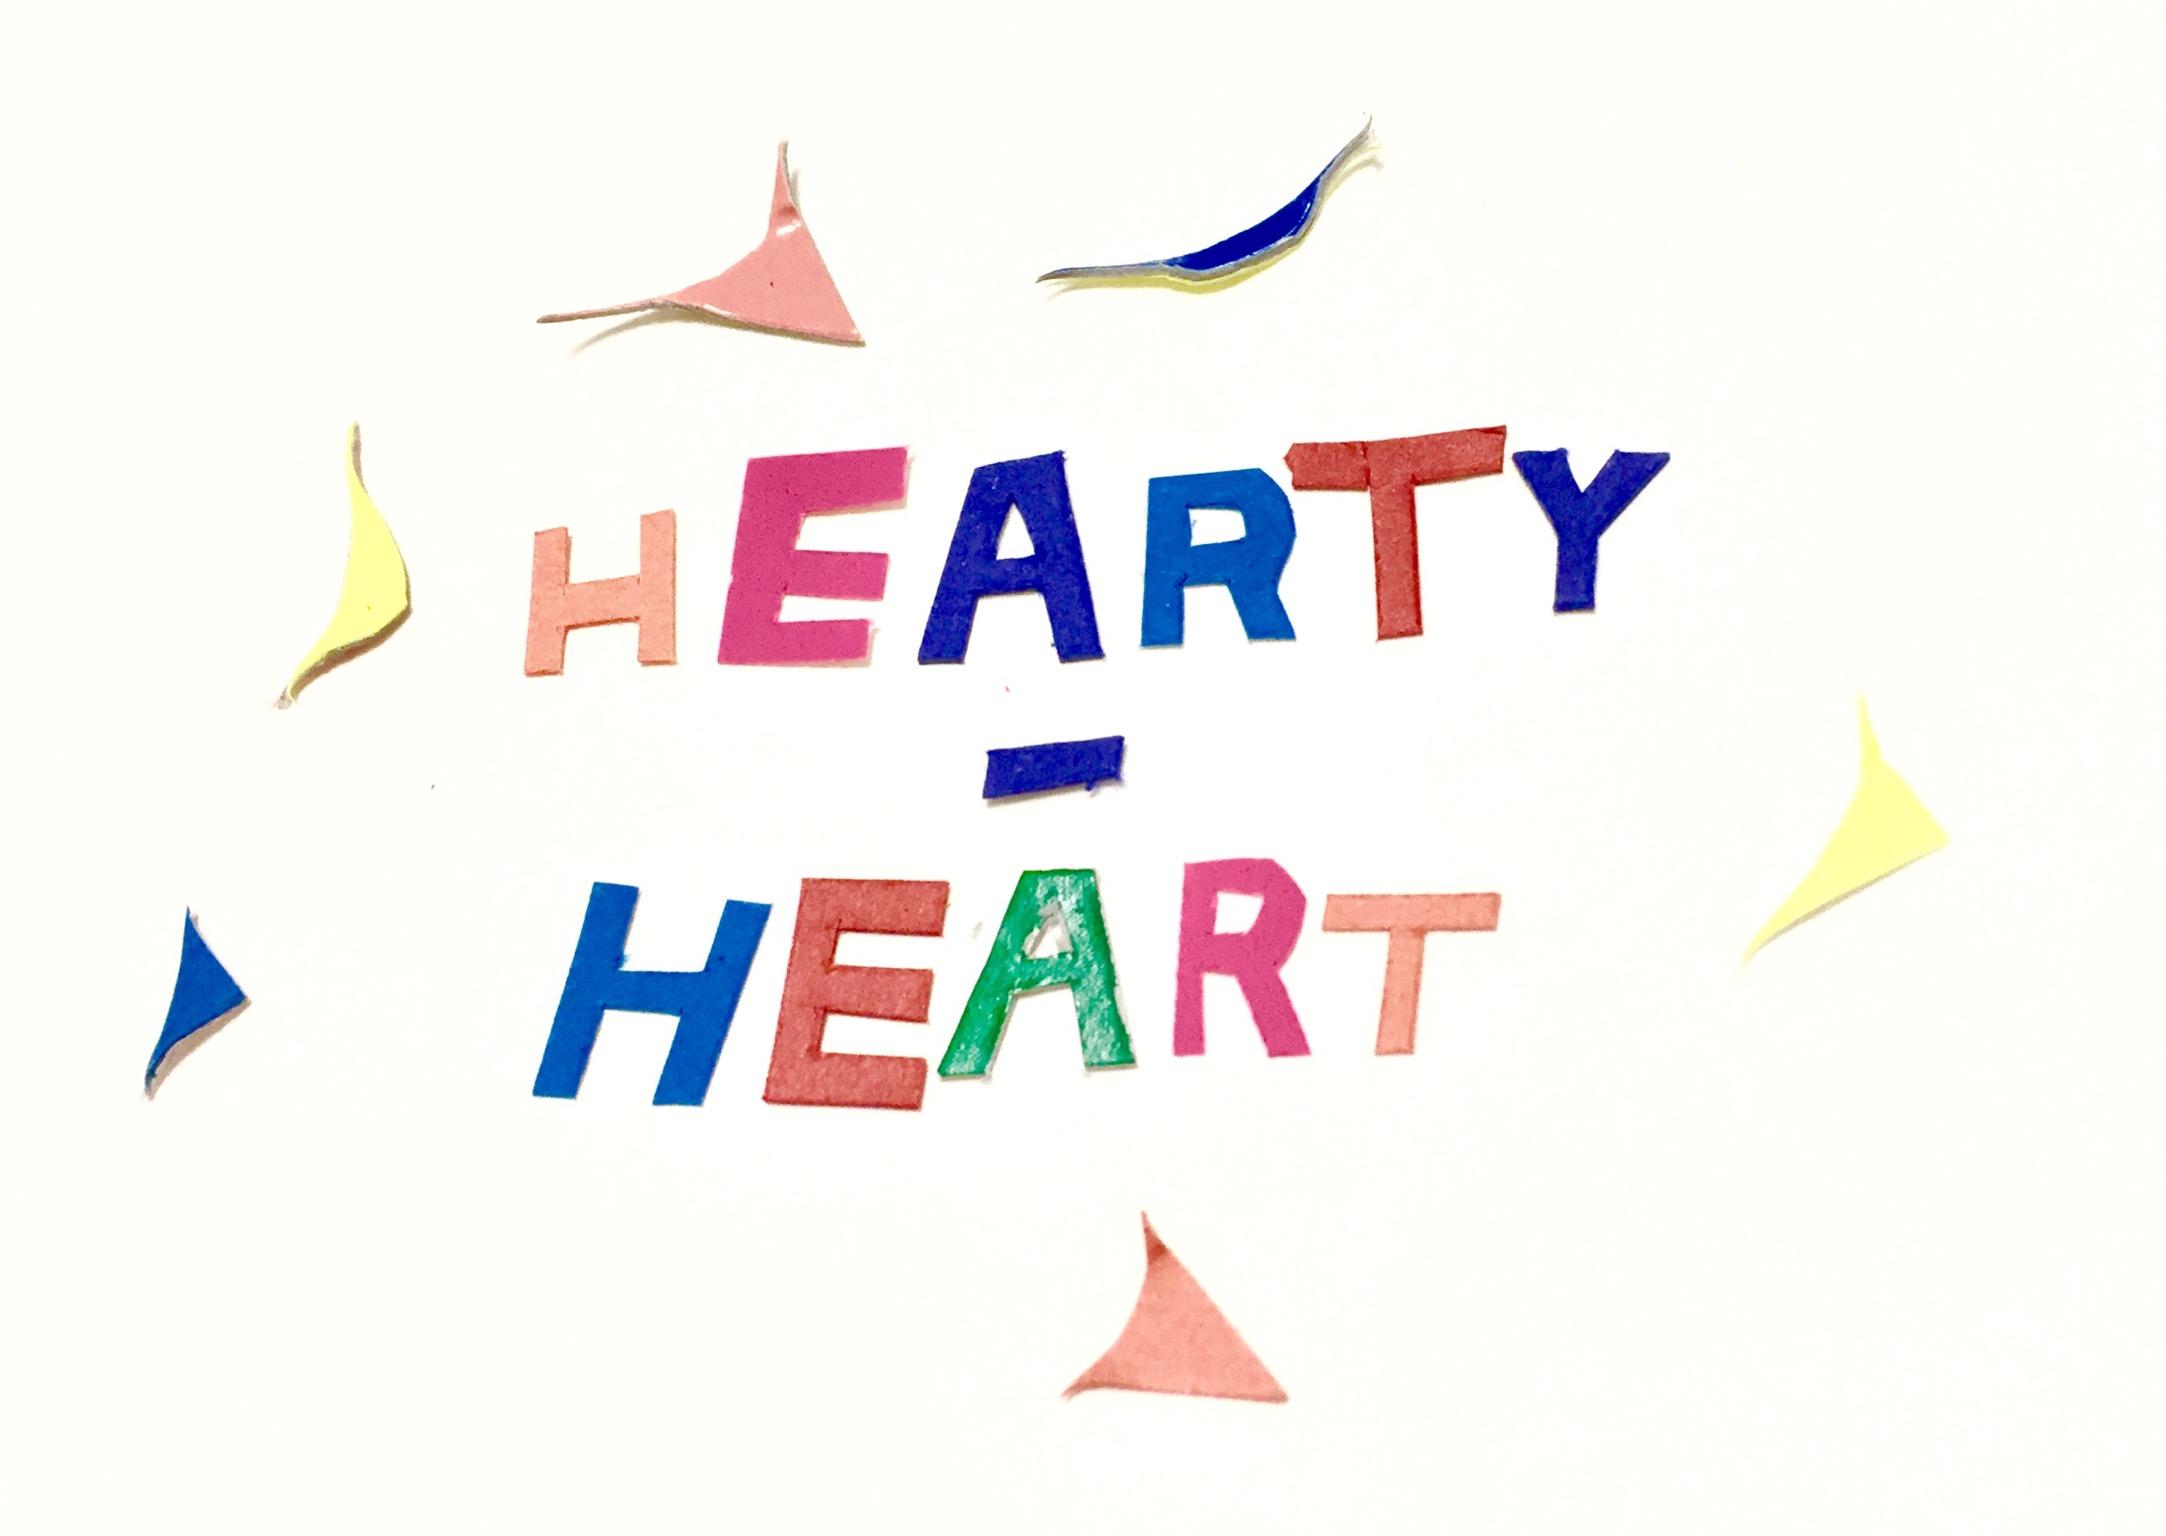 hearty-heart